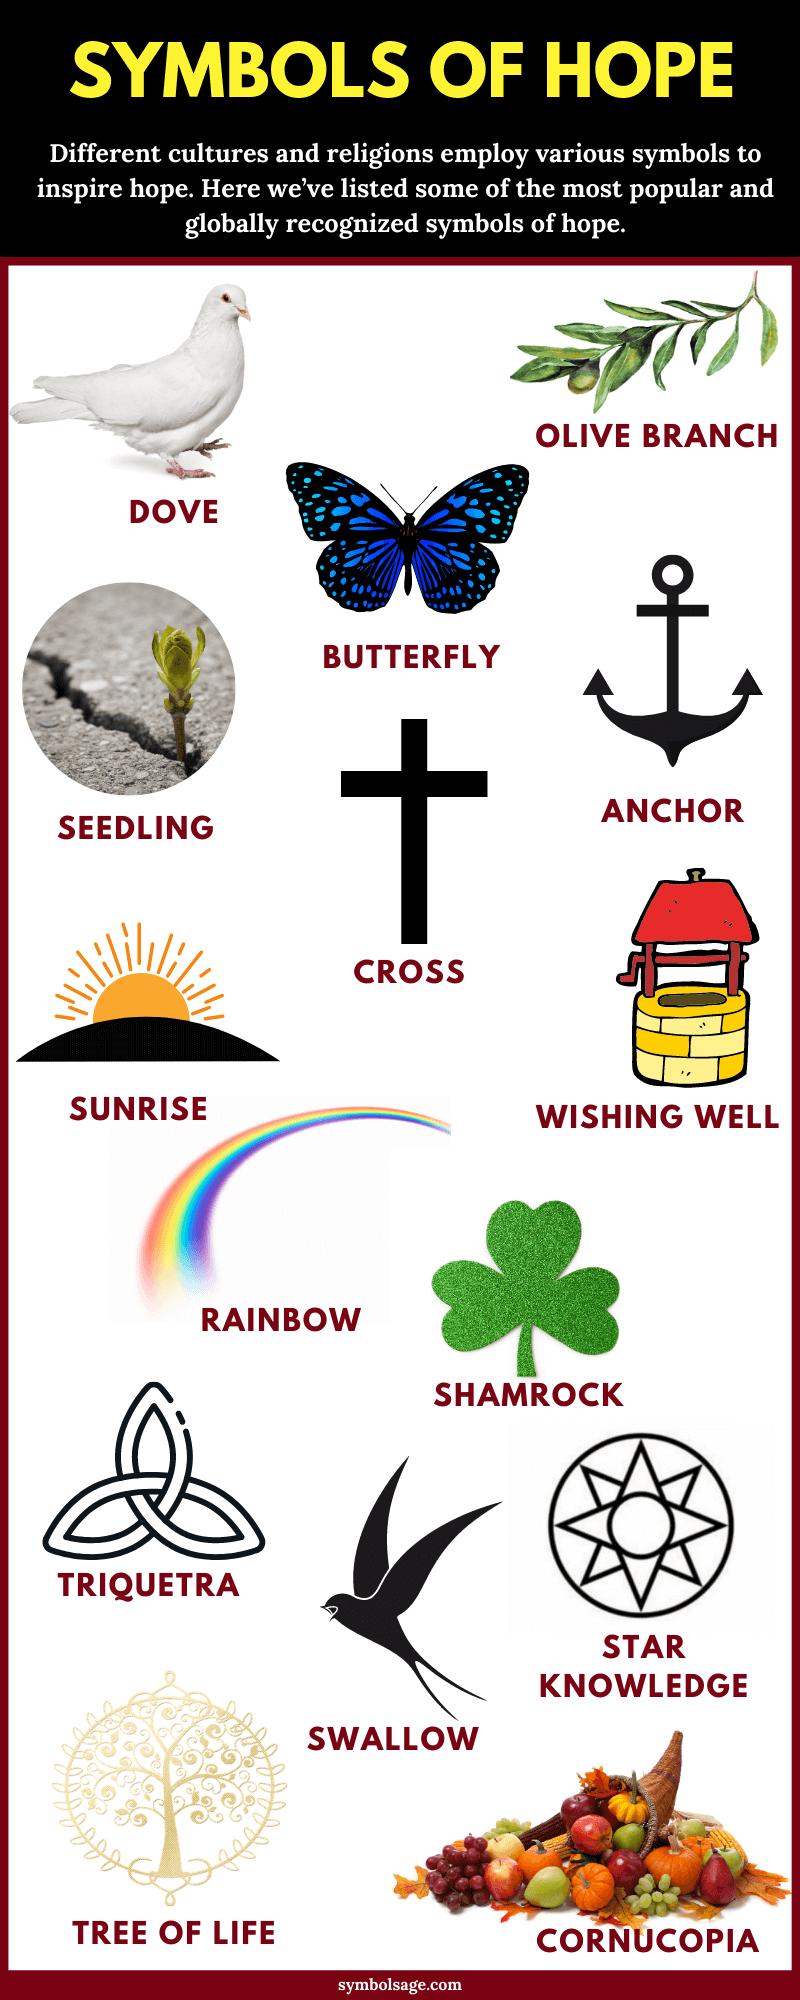 Symbols of hope list